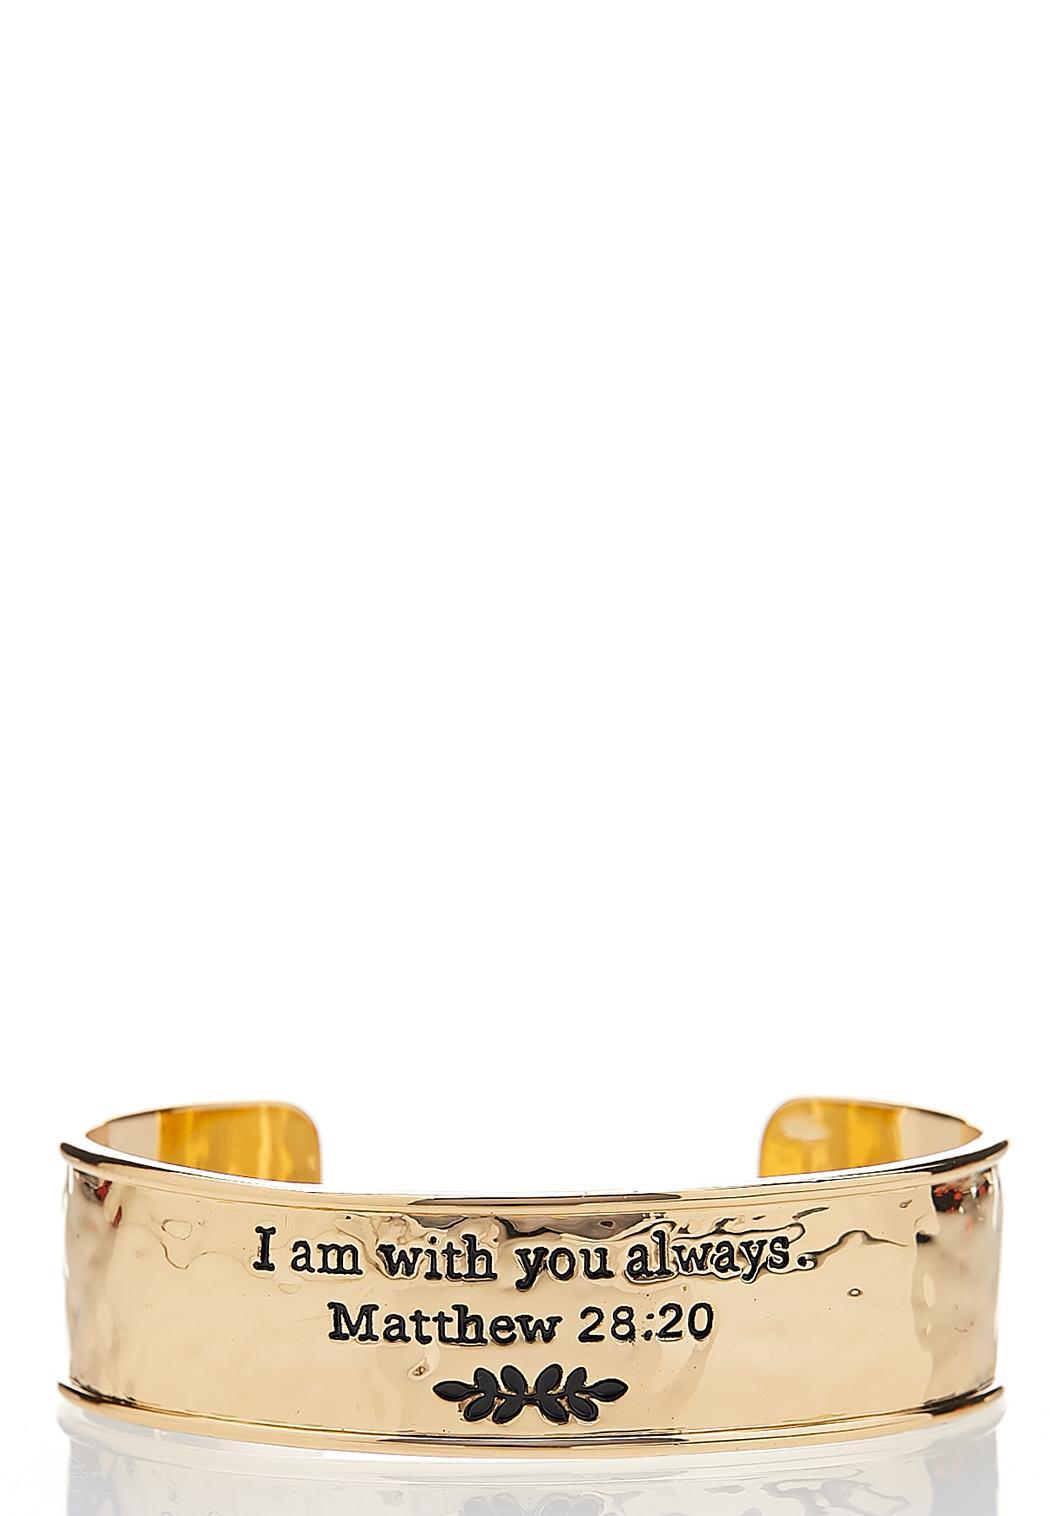 With You Always Cuff Bracelet